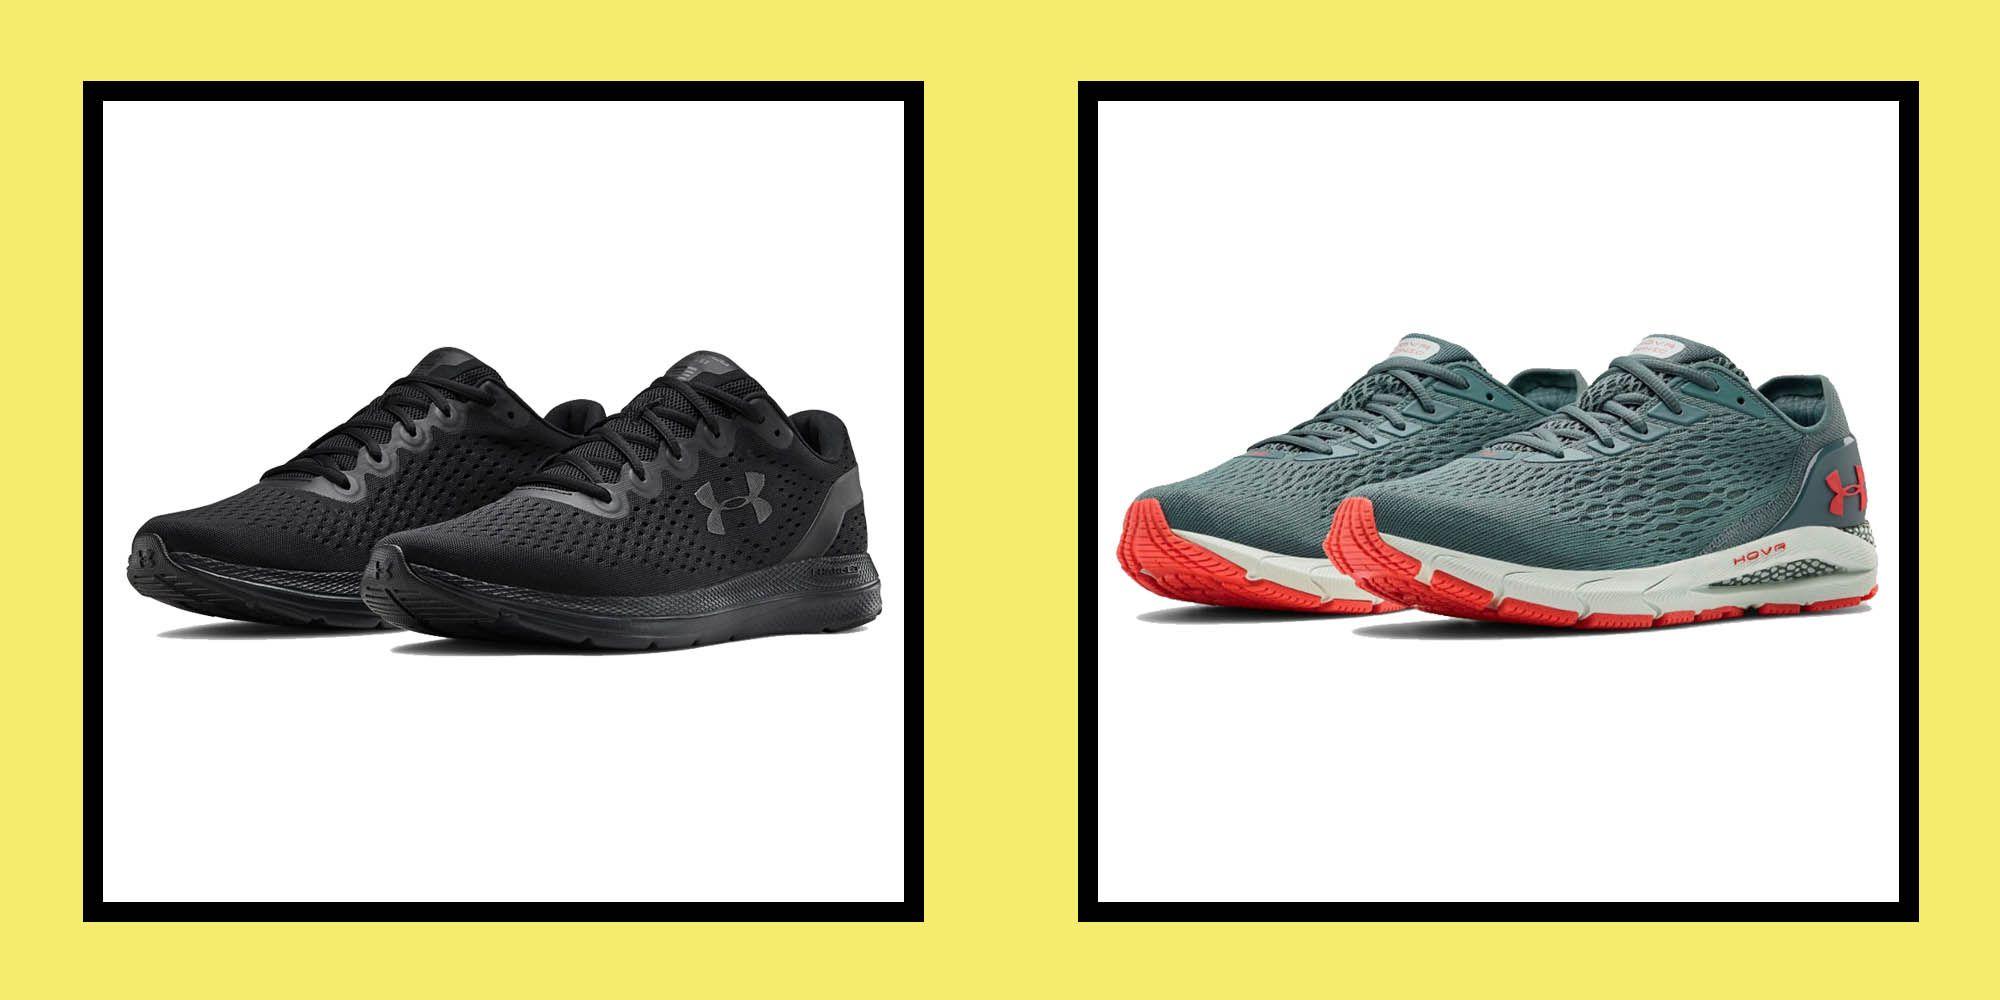 prime day shoe deals